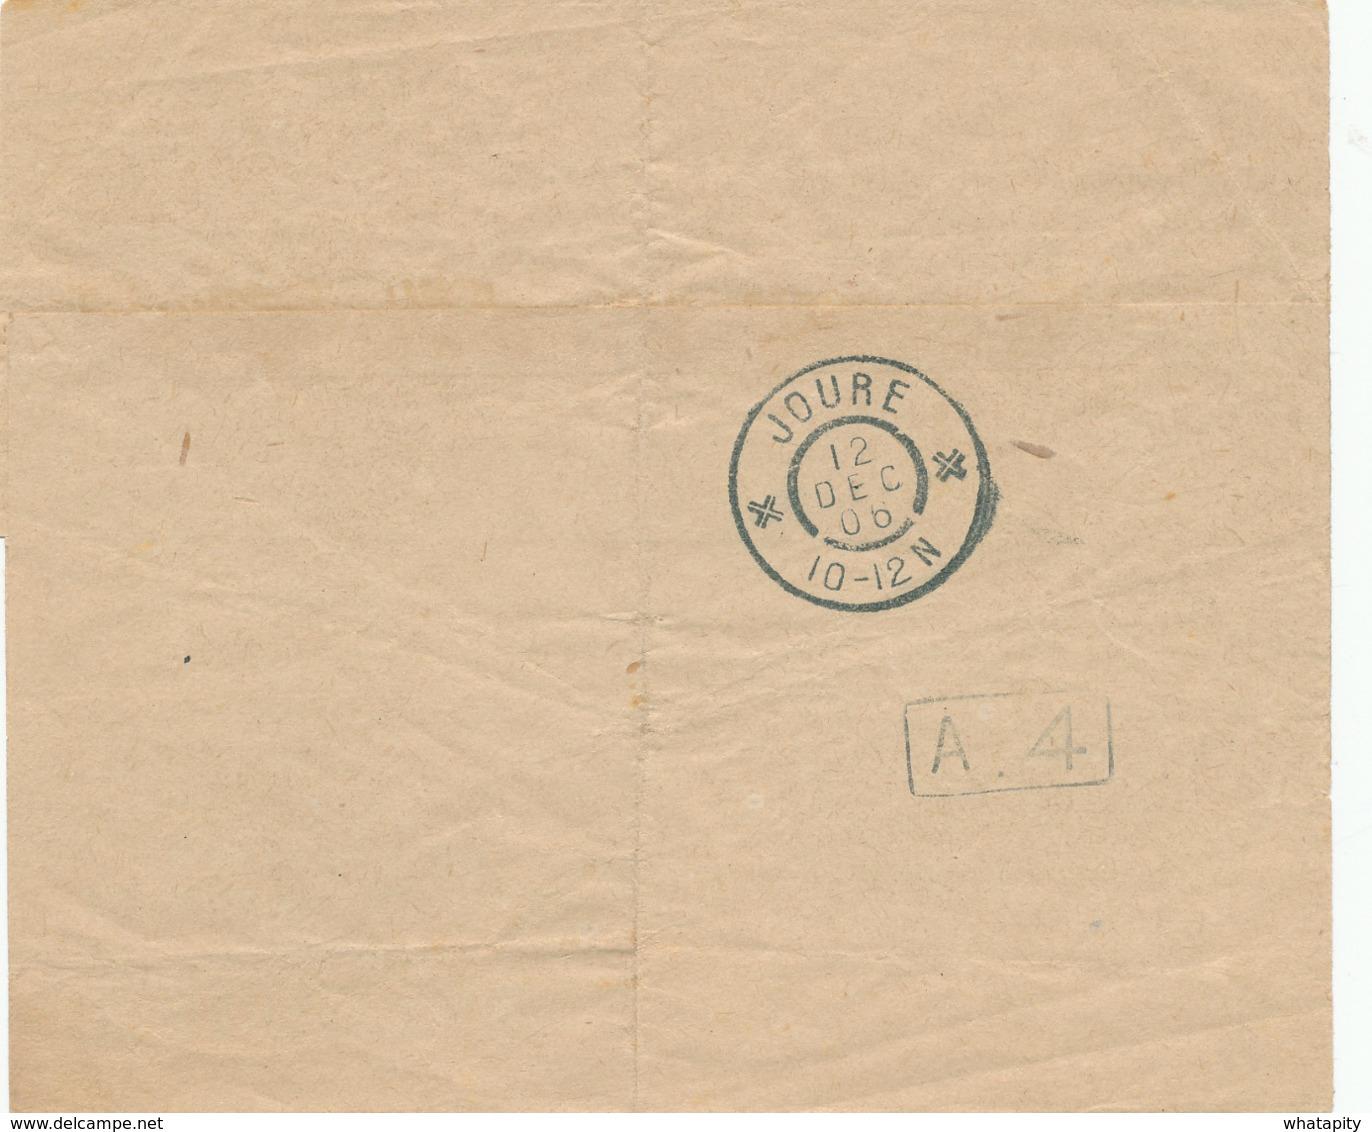 352/30 -- PREO 1 C Roulette BRUXELLES 06 En Paire Sur Bande De Journal  Vers JOURE Nederland - RARE - Roller Precancels 1900-09